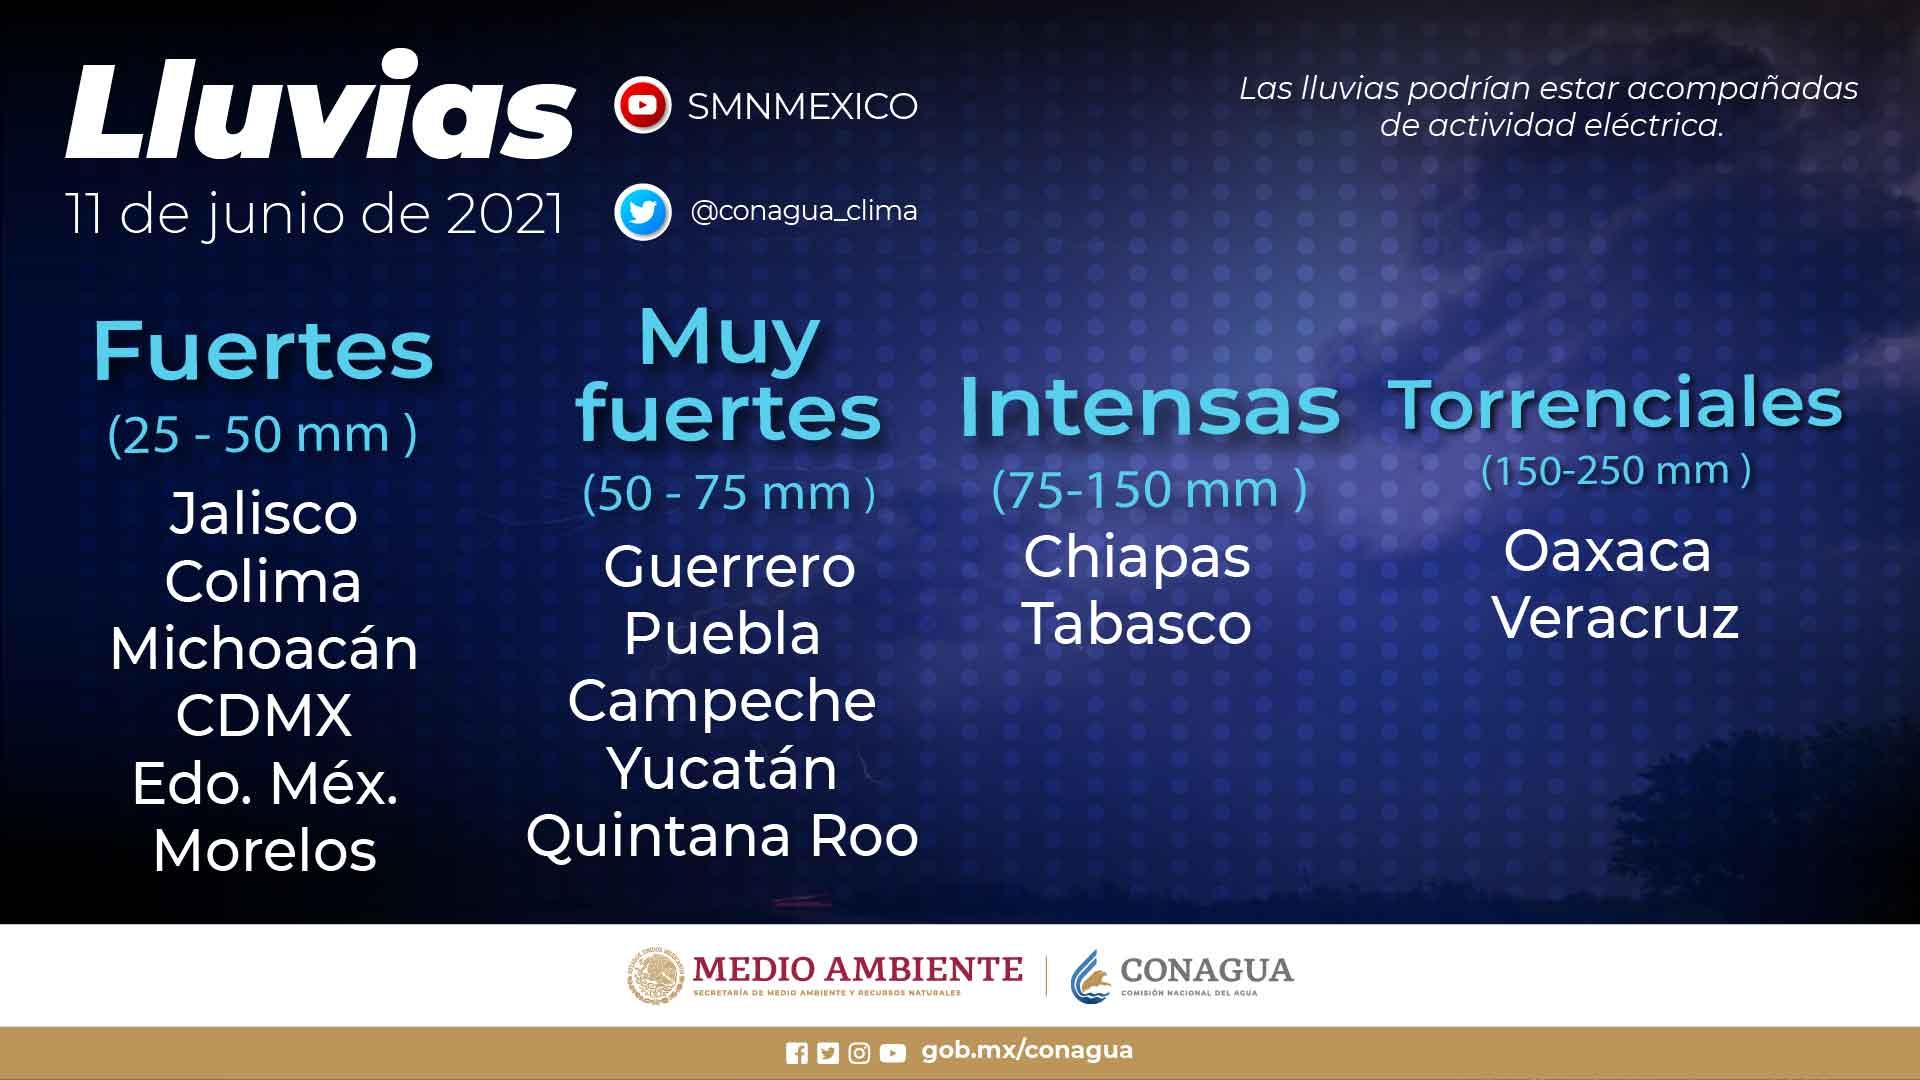 Continuarán las lluvias en Tlaxcala este fin de semana